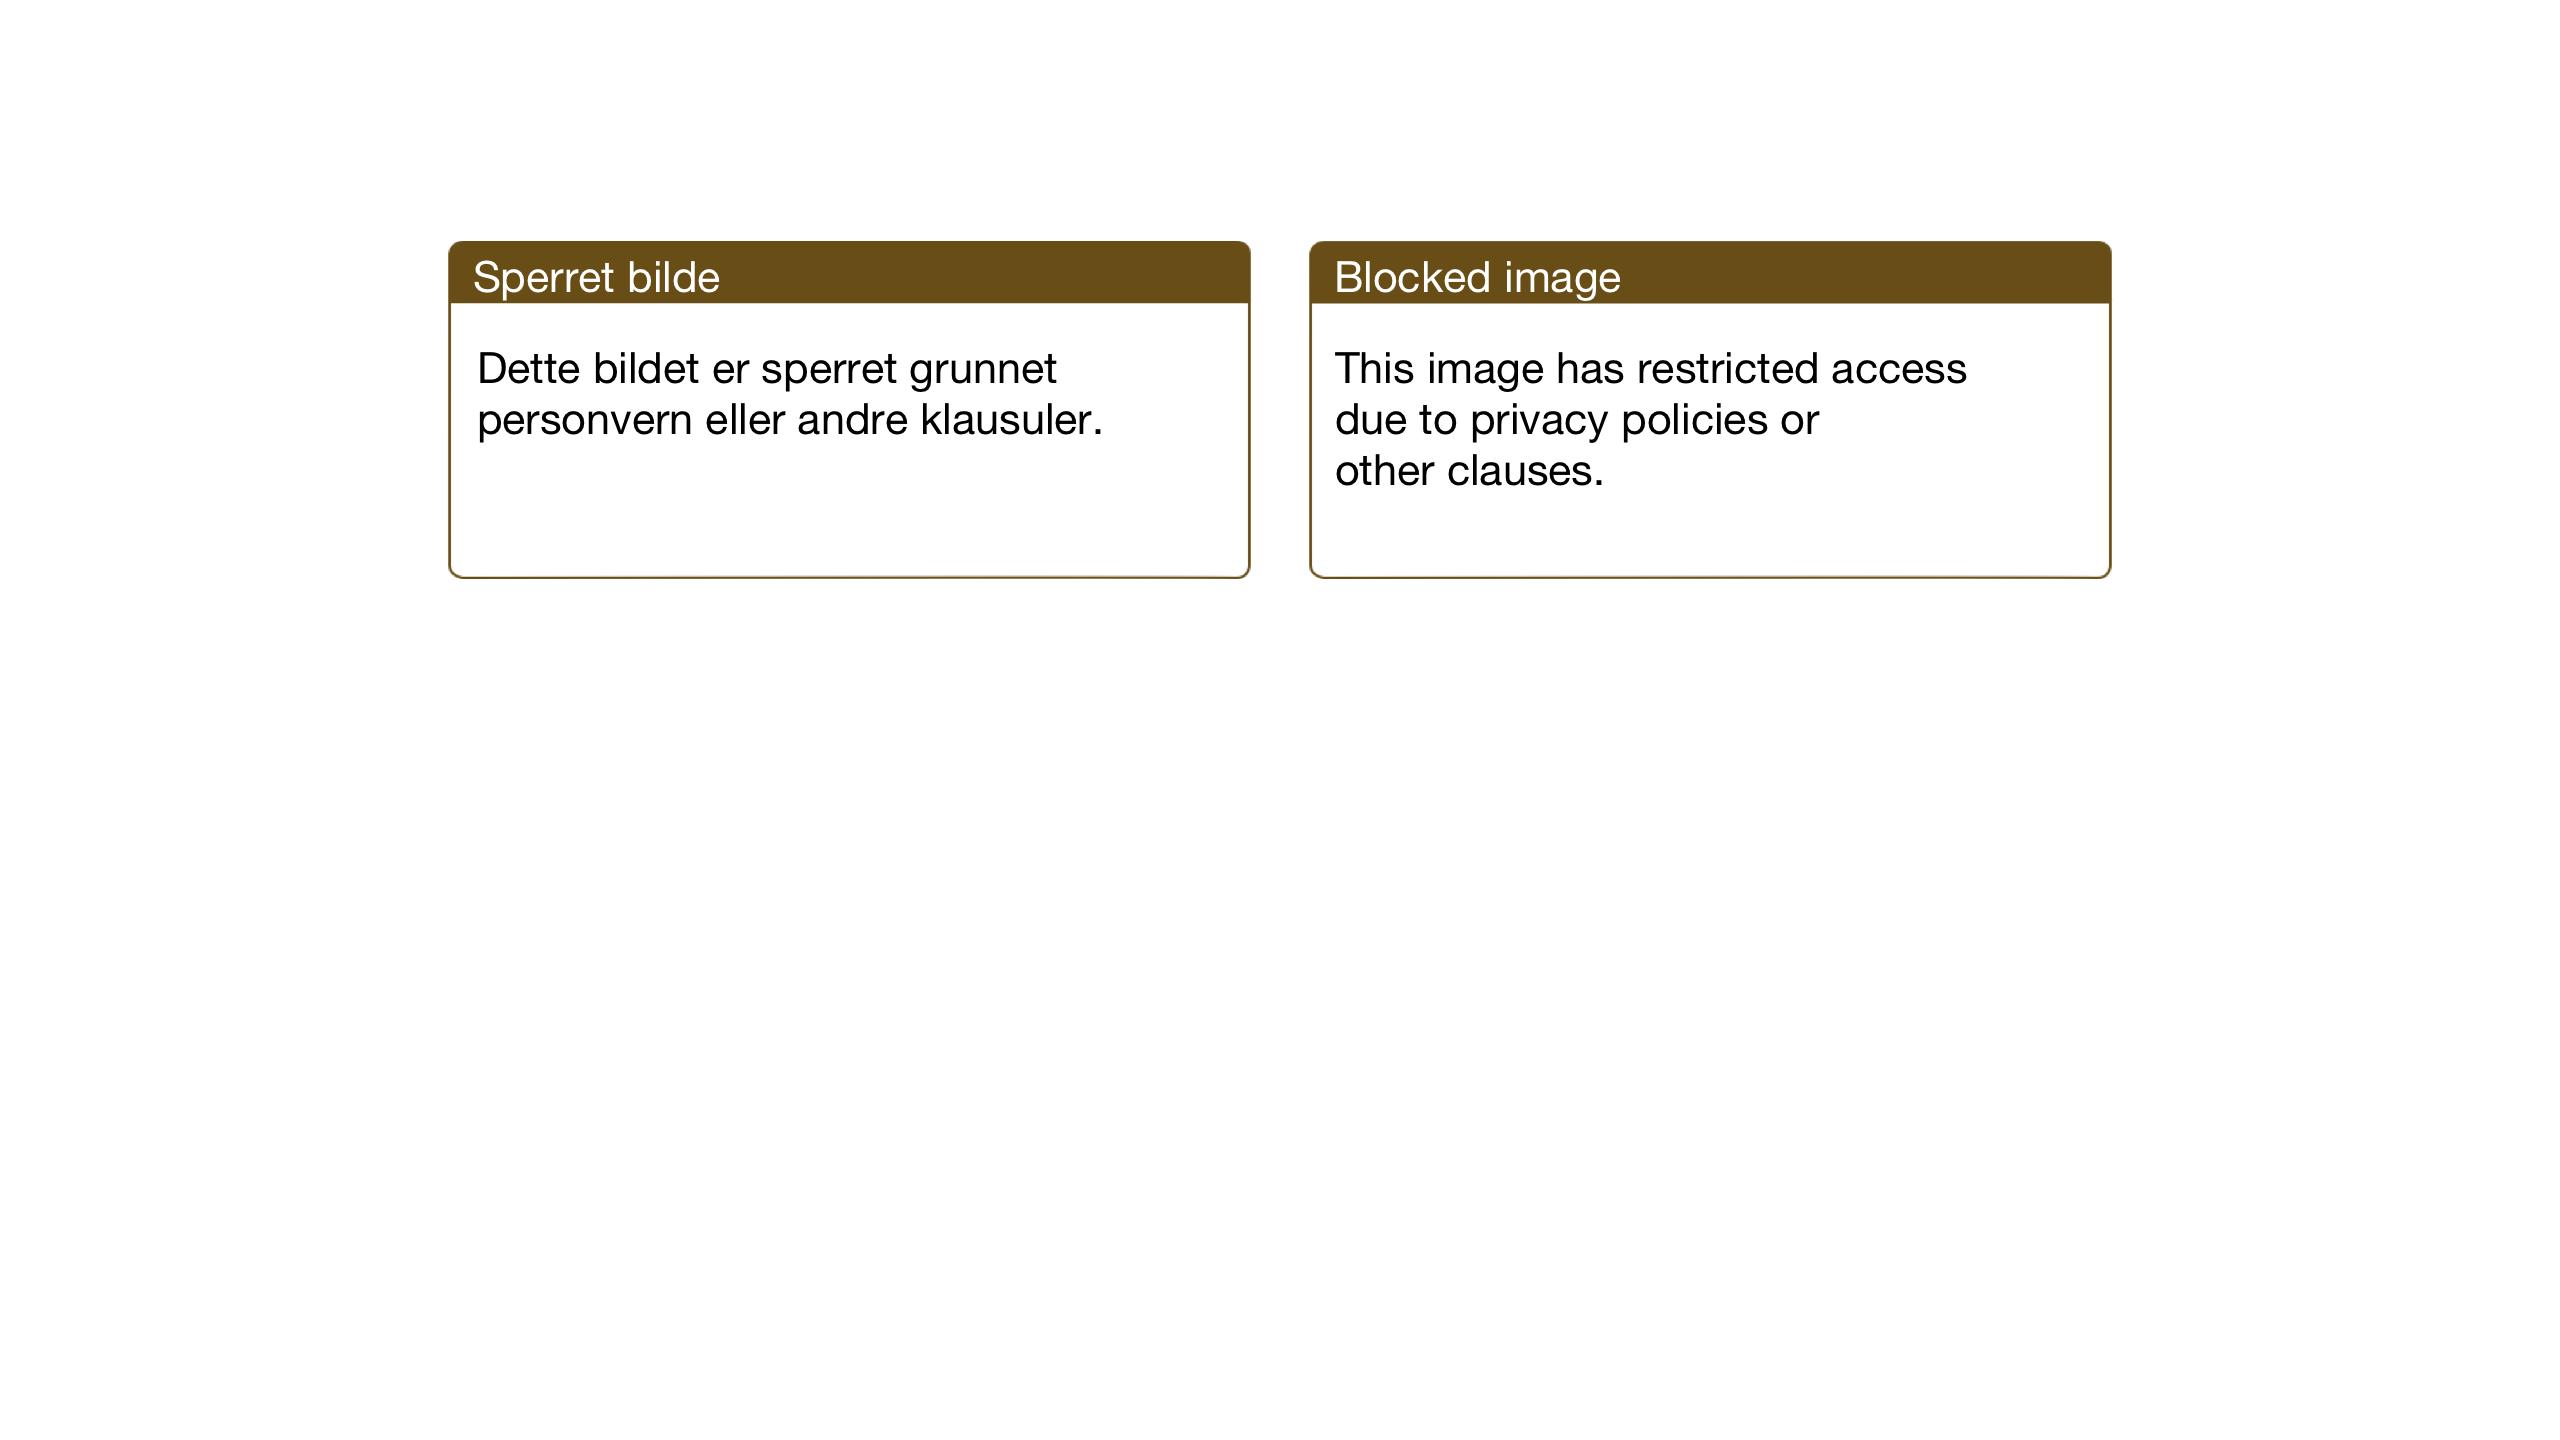 SAT, Ministerialprotokoller, klokkerbøker og fødselsregistre - Sør-Trøndelag, 602/L0151: Klokkerbok nr. 602C19, 1925-1951, s. 112